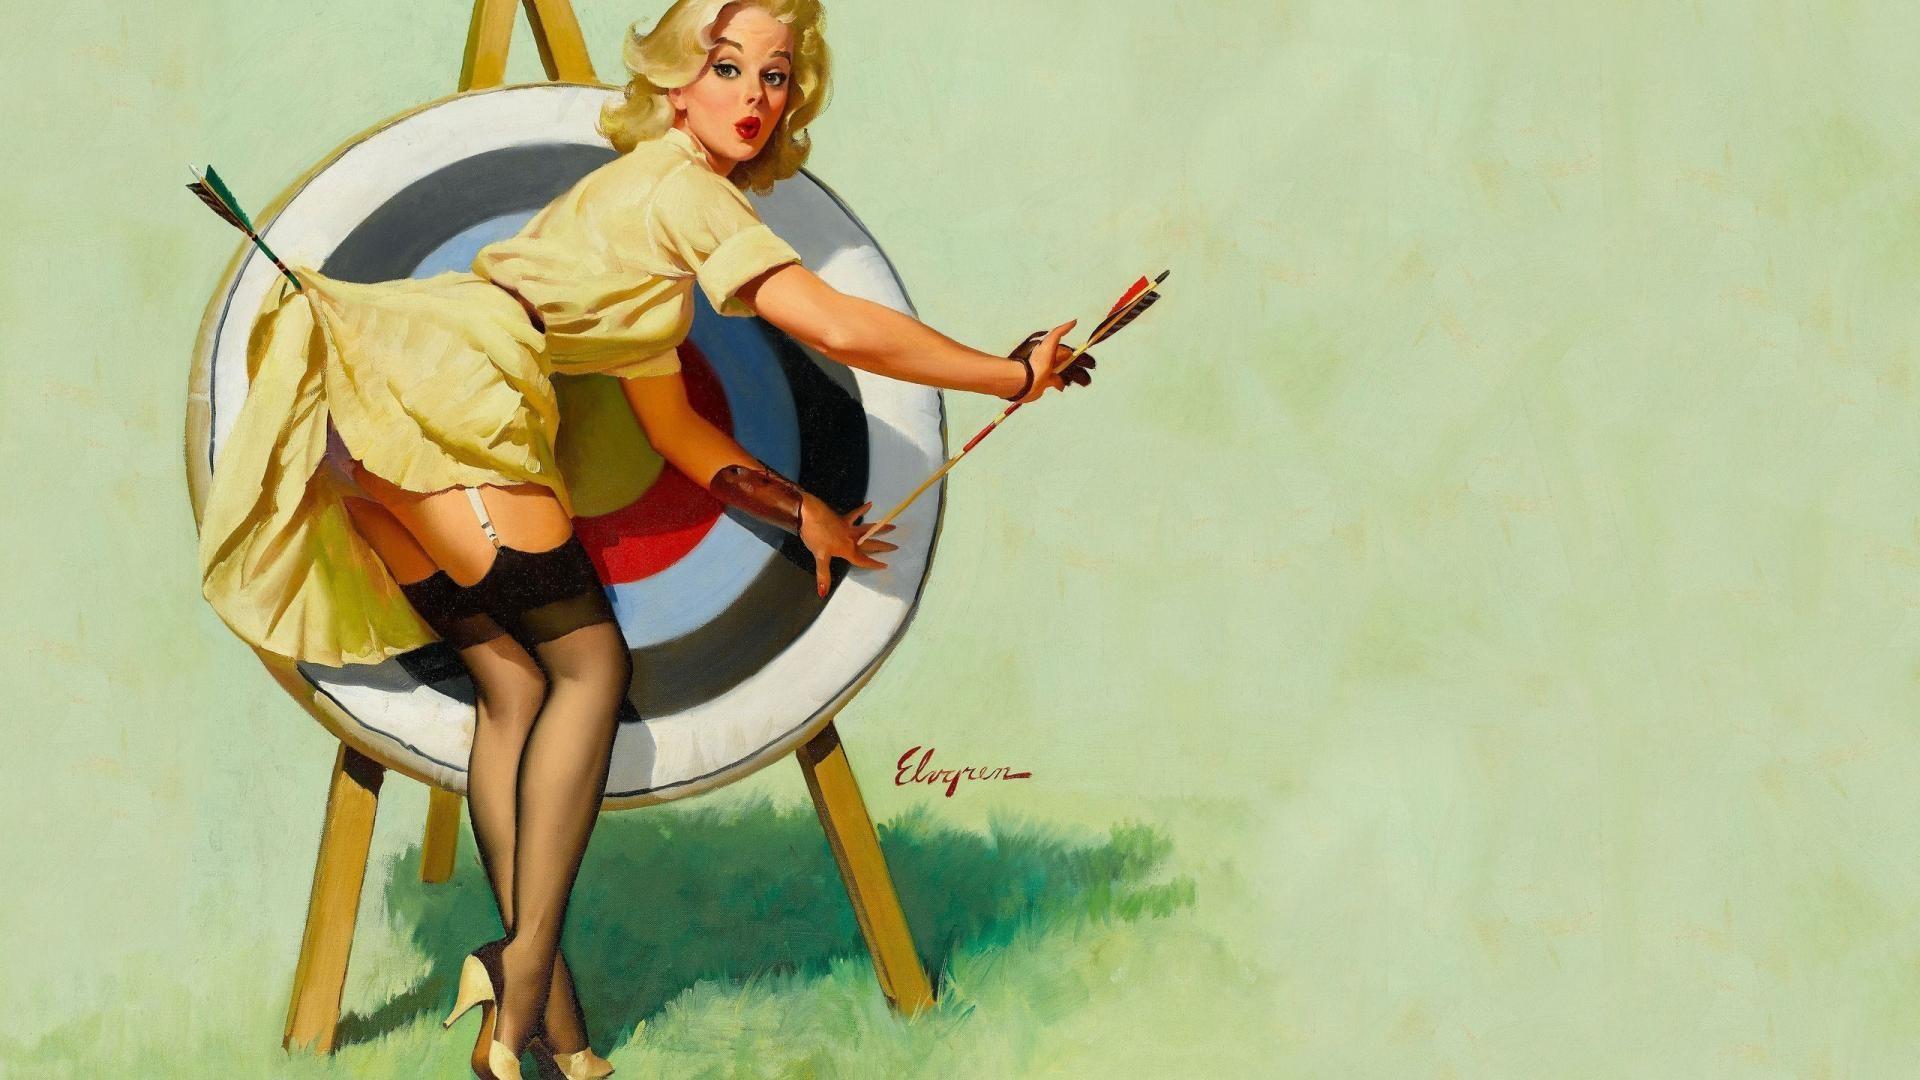 wallpaper images pin up girls (Cola Bishop 1920 x 1080)